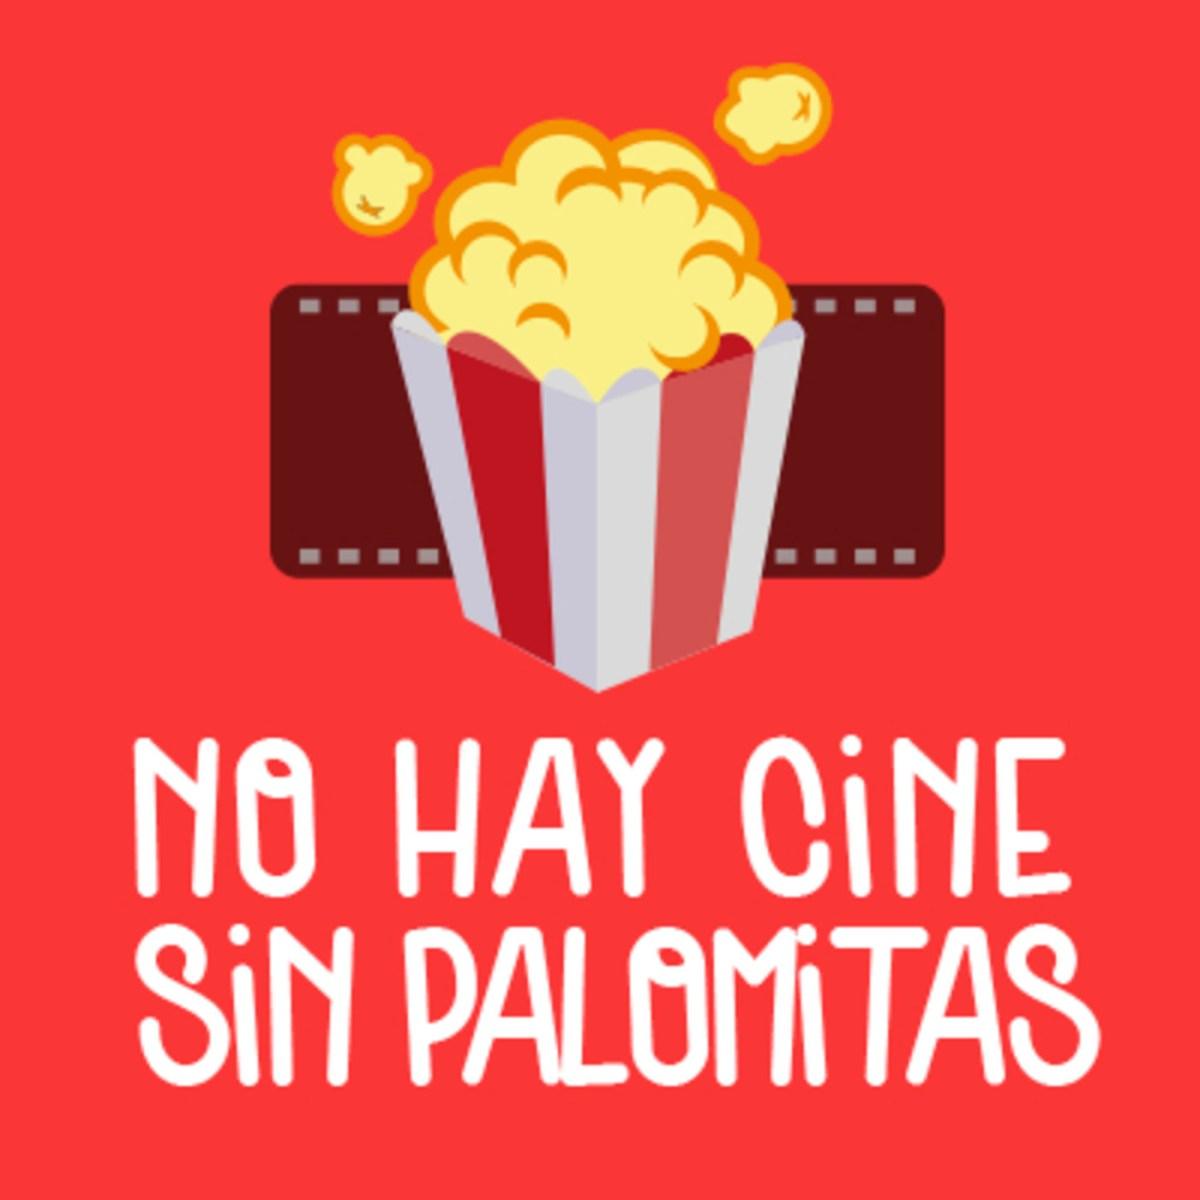 Podcast de No Hay Cine Sin Palomitas